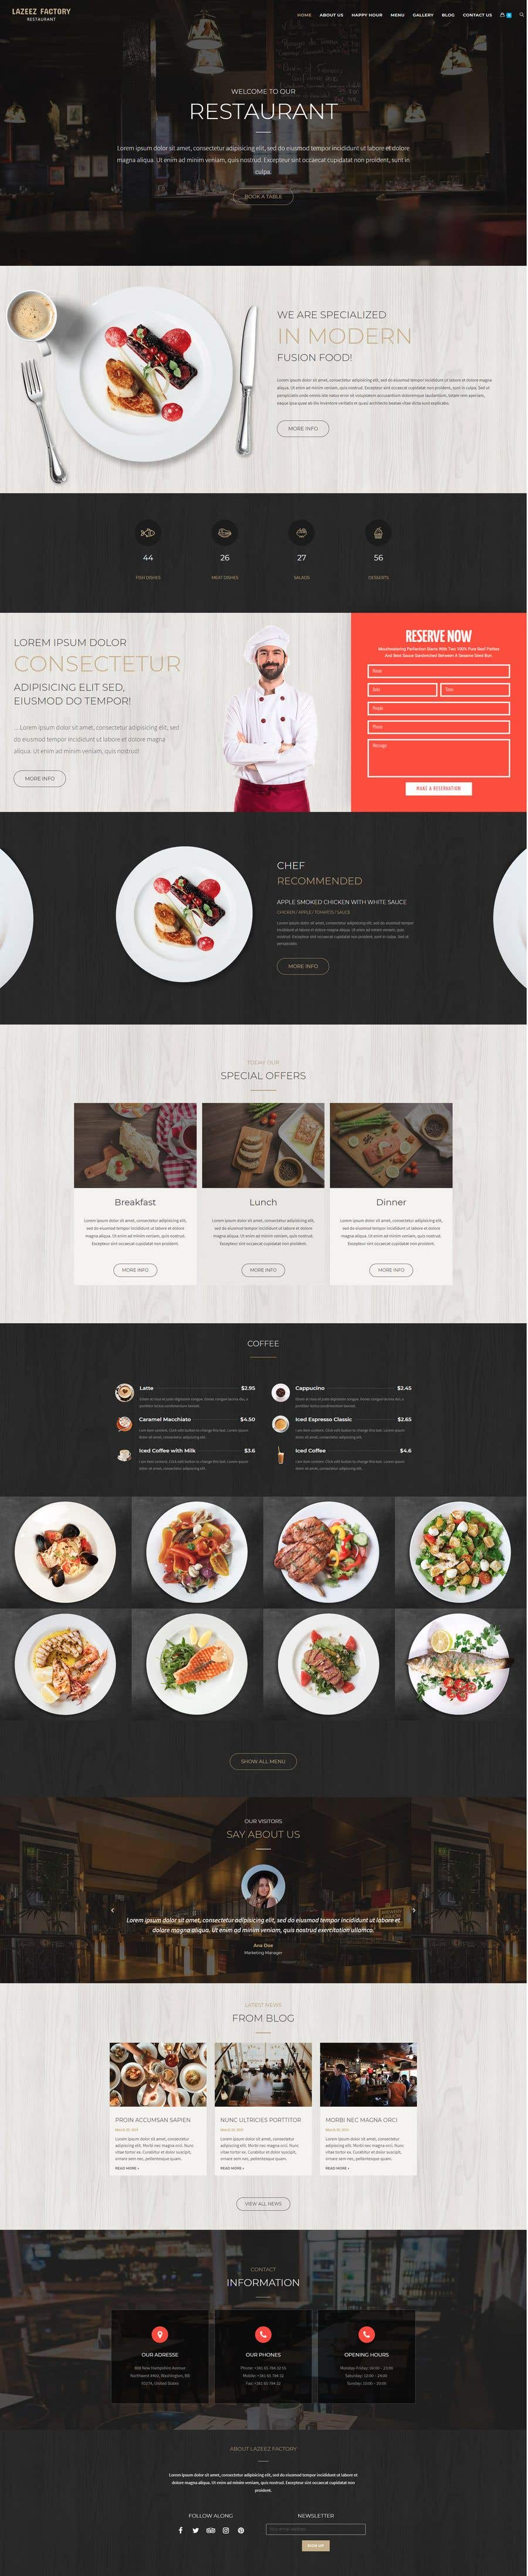 Konkurrenceindlæg #118 for Design A Website and Logo For Restaurant